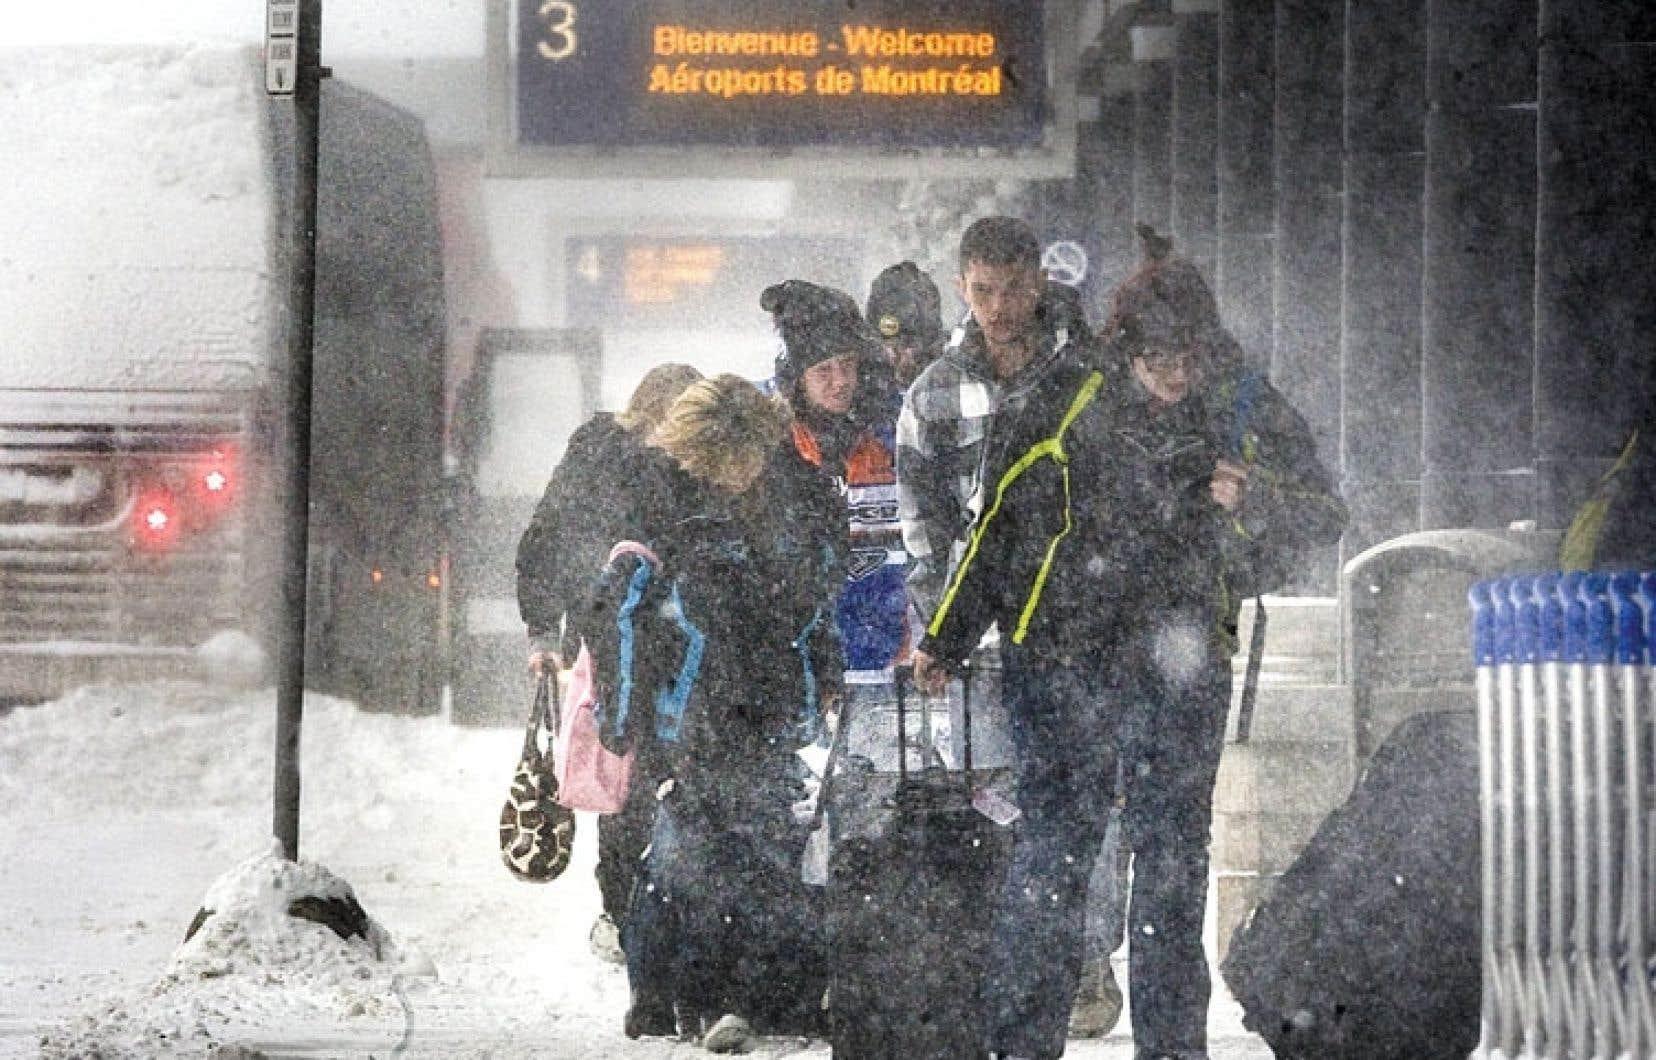 Aéroport de Montréal. Ceux qui veulent prendre congé de l'hiver ne serait-ce qu'une petite semaine doivent s'attendre à payer un peu plus cher la cure soleil.